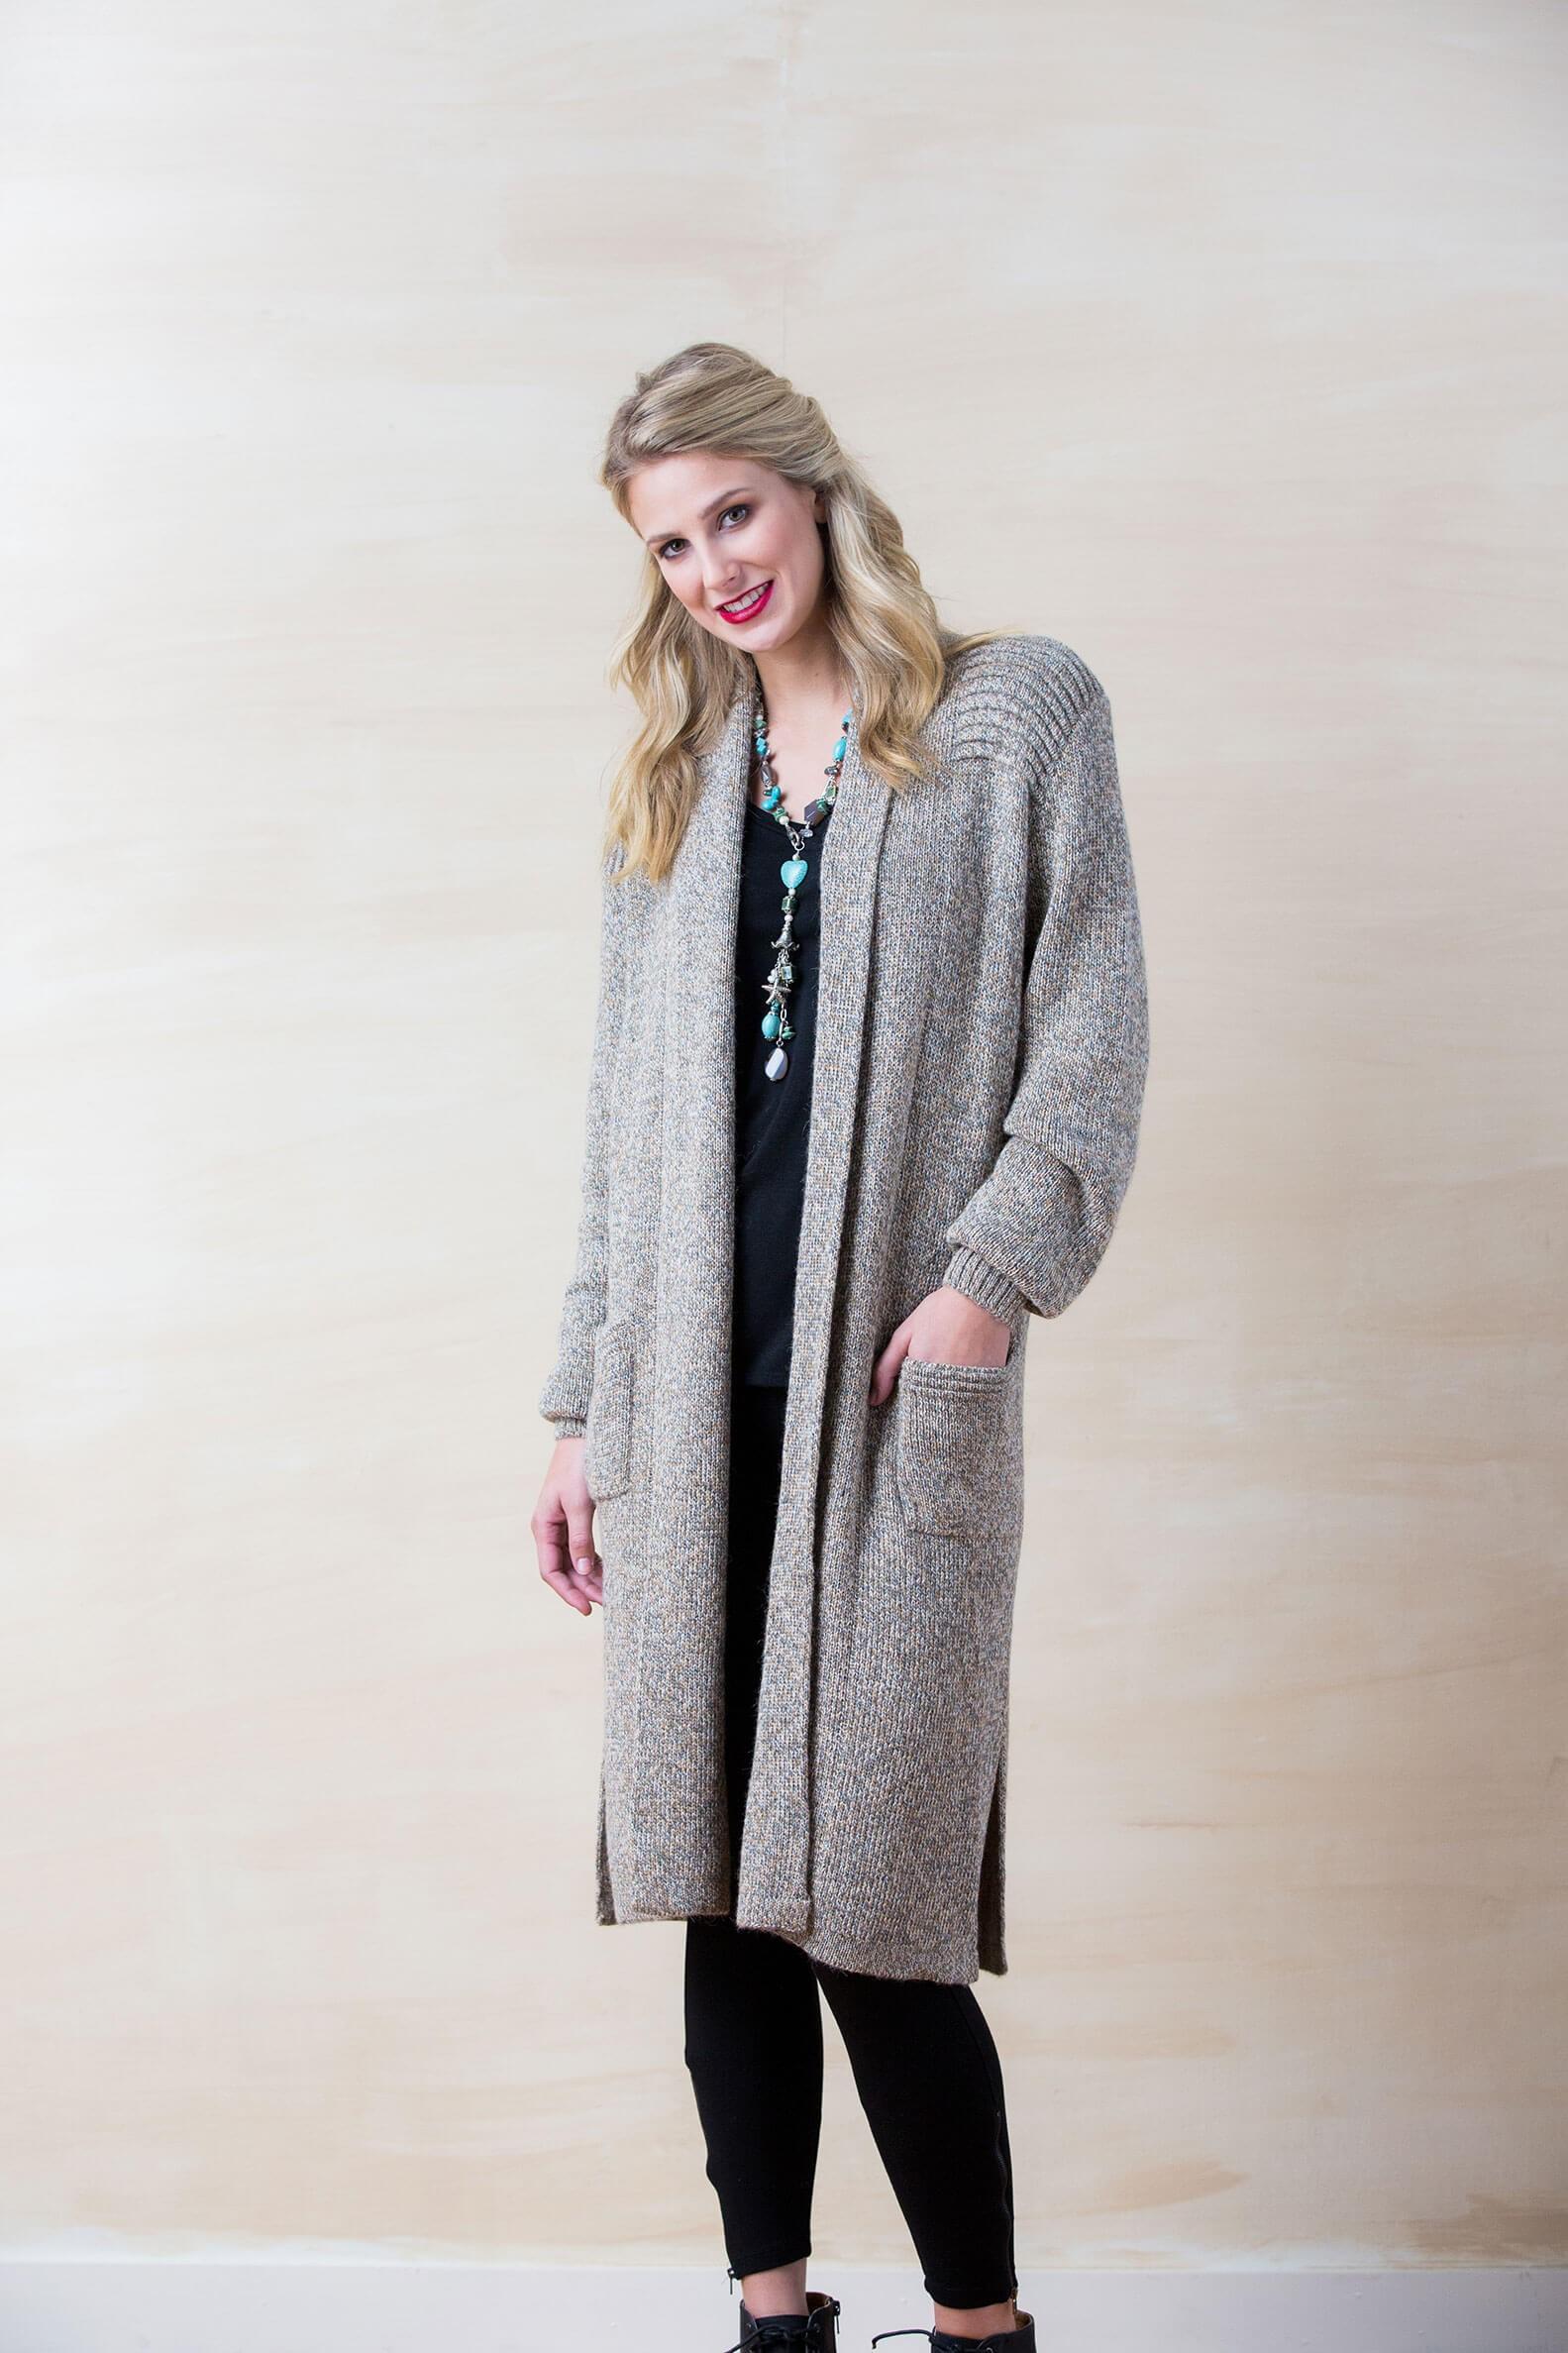 Full-length Sweater Sale from Sheepskin & Alpaca Specialties